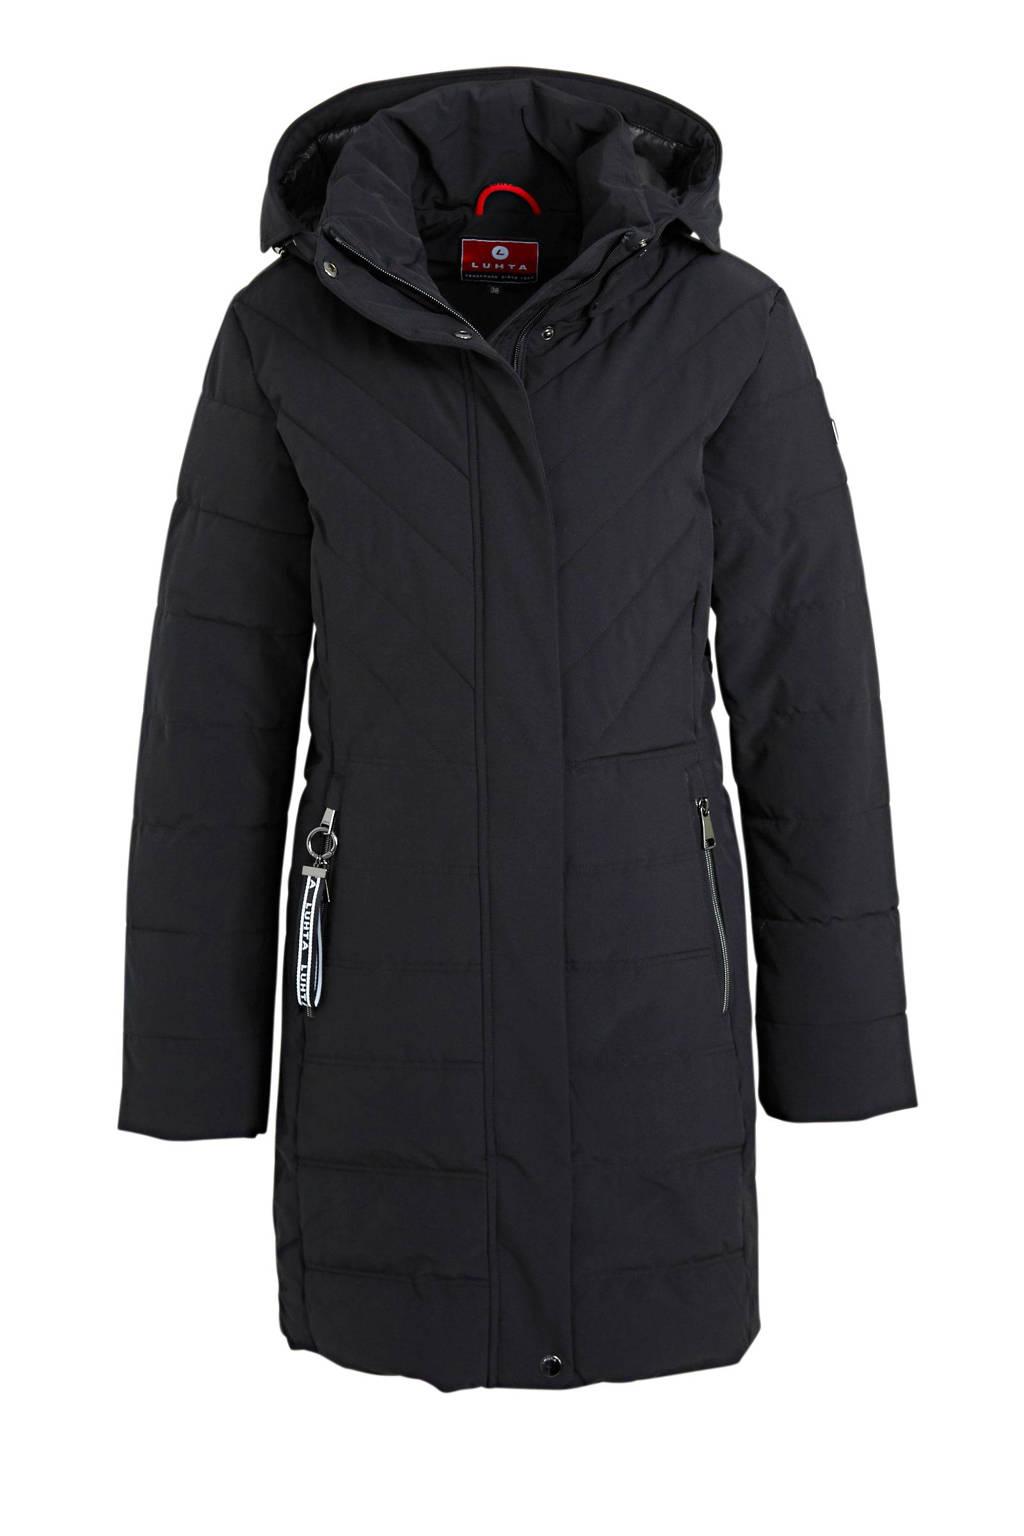 Luhta gewatteerde jas Haavus zwart, Zwart